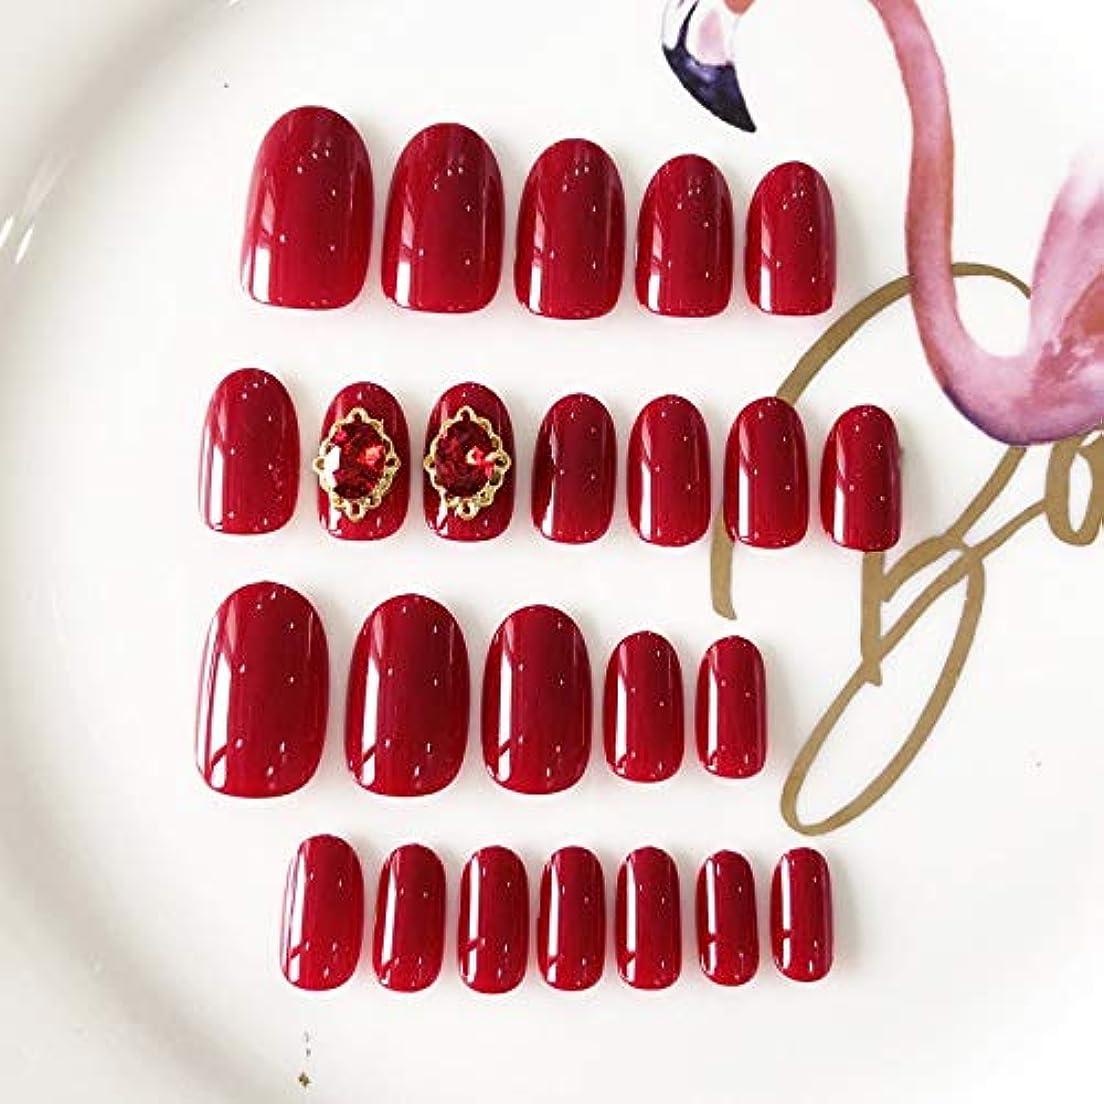 晴れ大事にするどれJonathan ハンドケア 24個の短い楕円形の偽爪12サイズ単色ワインレッドエレガントな偽爪結婚式